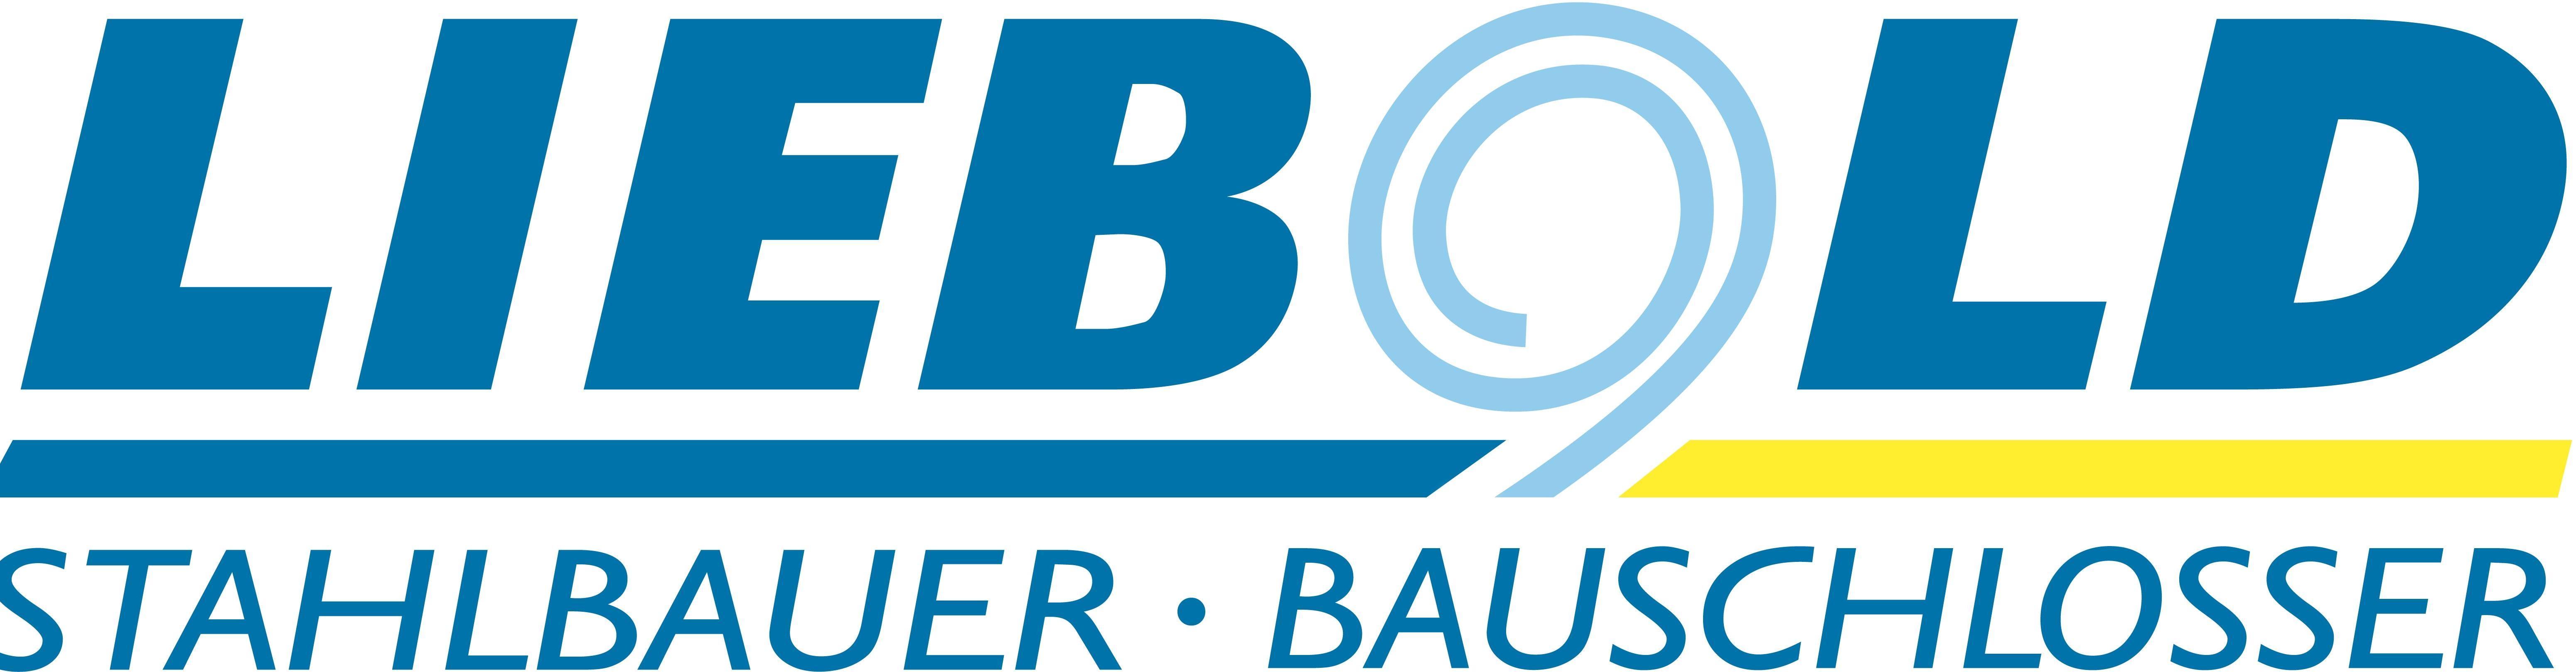 Stahlbauer Bauschlosser Liebold